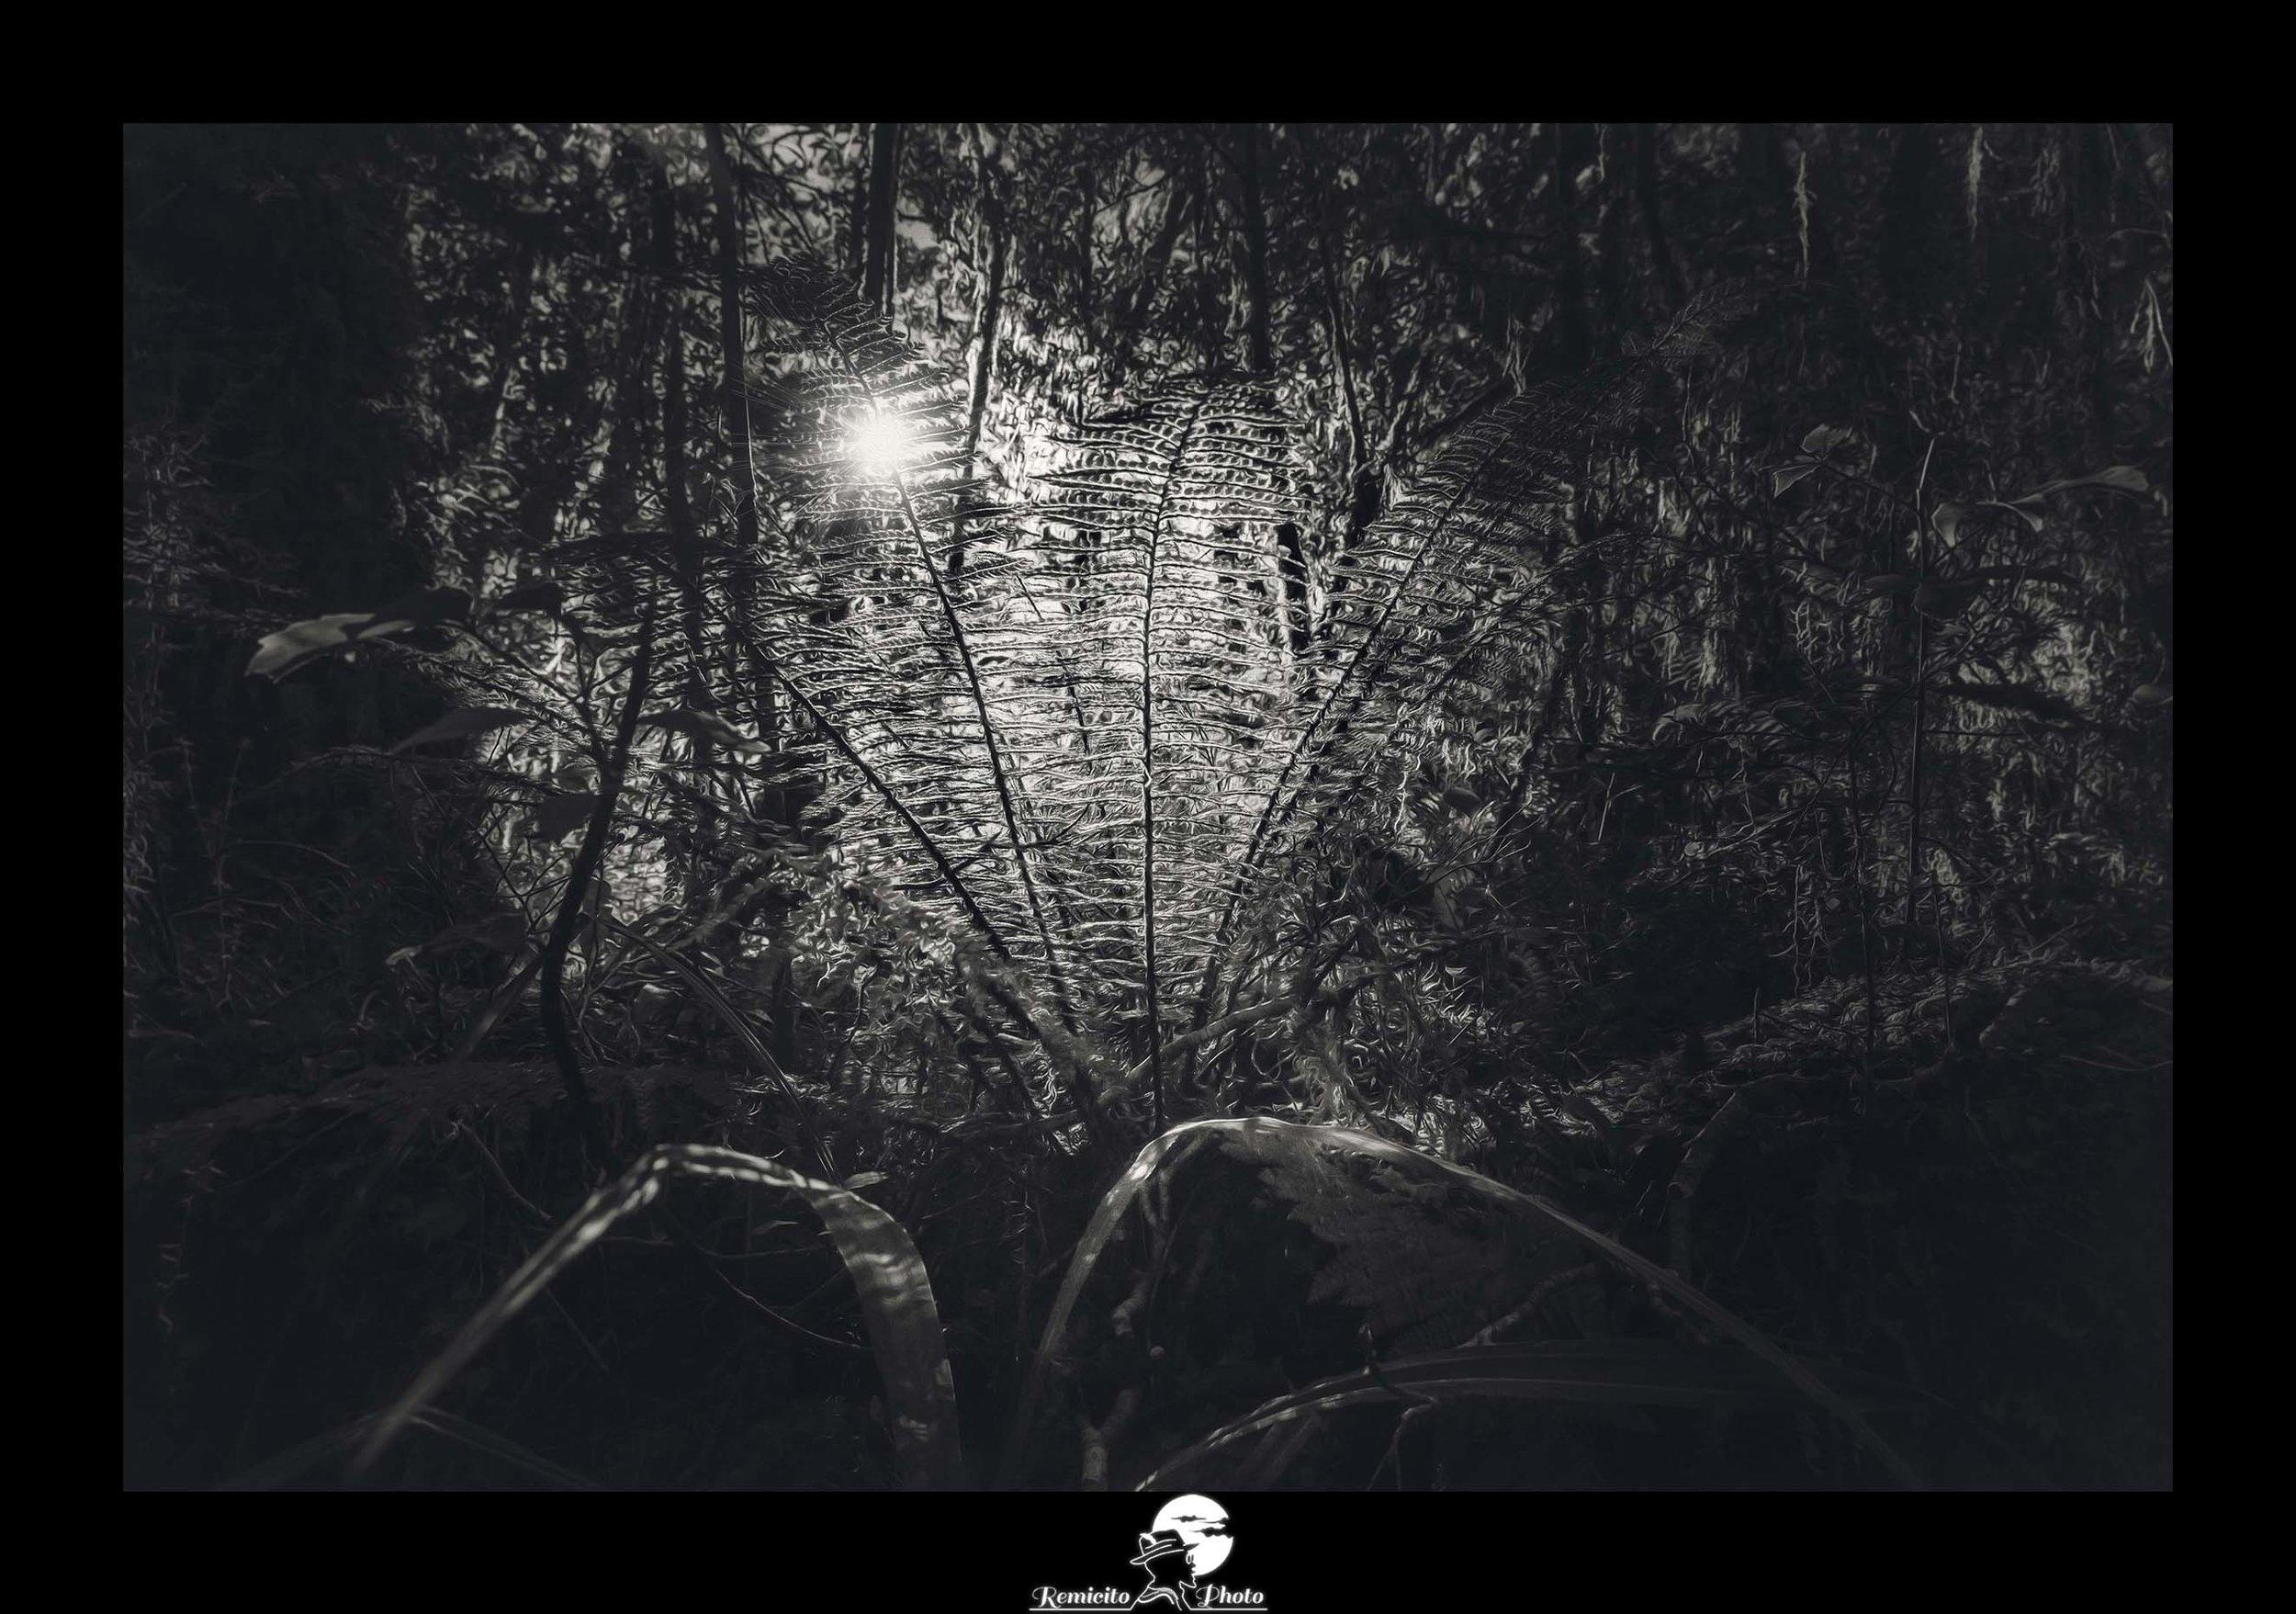 remicito photo, remicito rémi lacombe photographe paris, belle photo noir et blanc feuille fougère, photo fougère nouvelle zélande noir et blanc, idée cadeau belle photo nature forêt